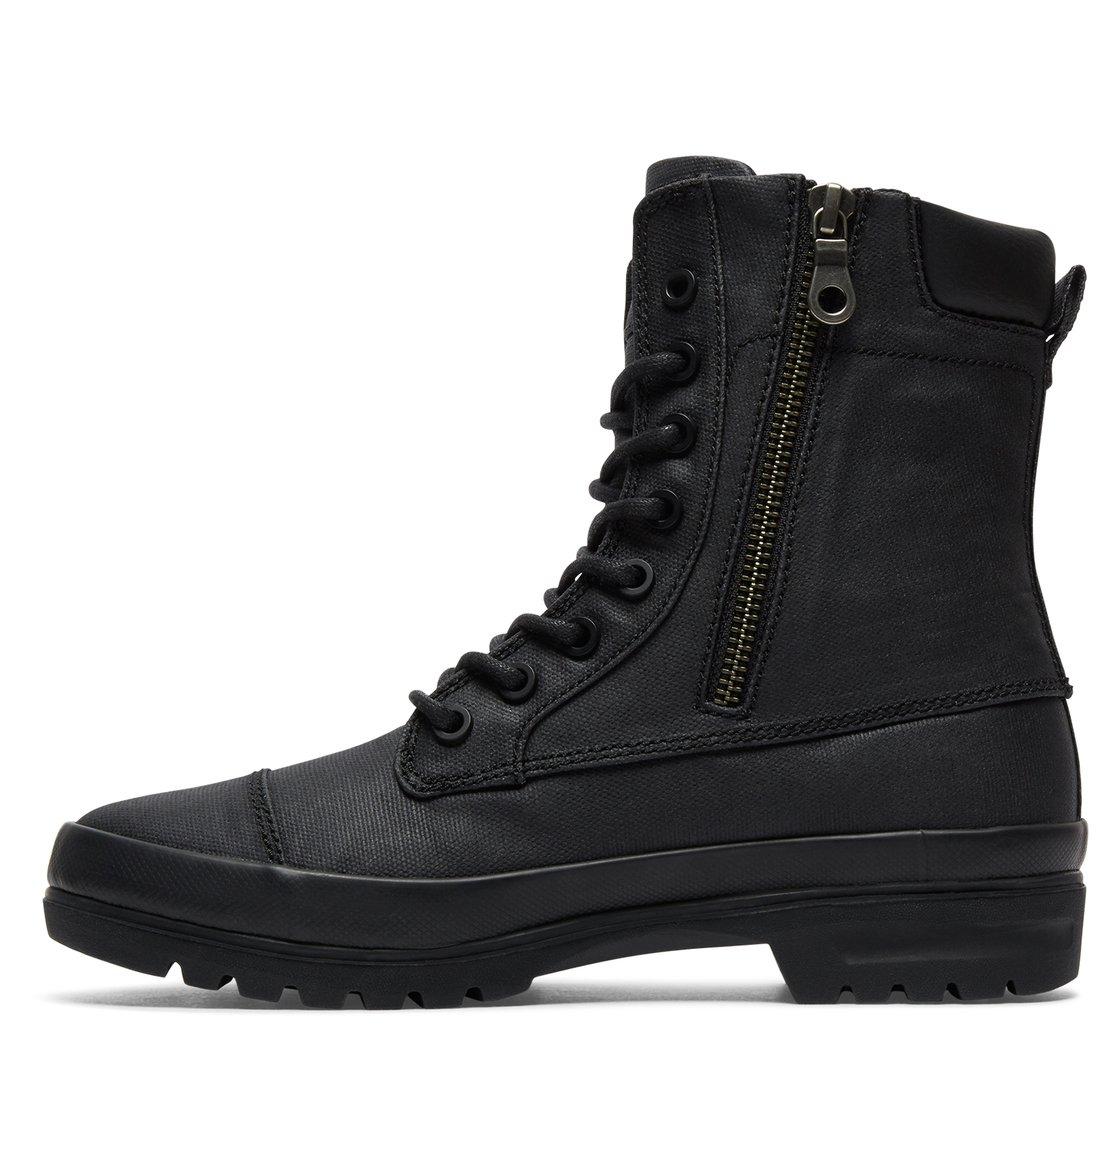 Amnesti TX - Bottes à lacets - Noir - DC Shoes 83h5VB9c6K